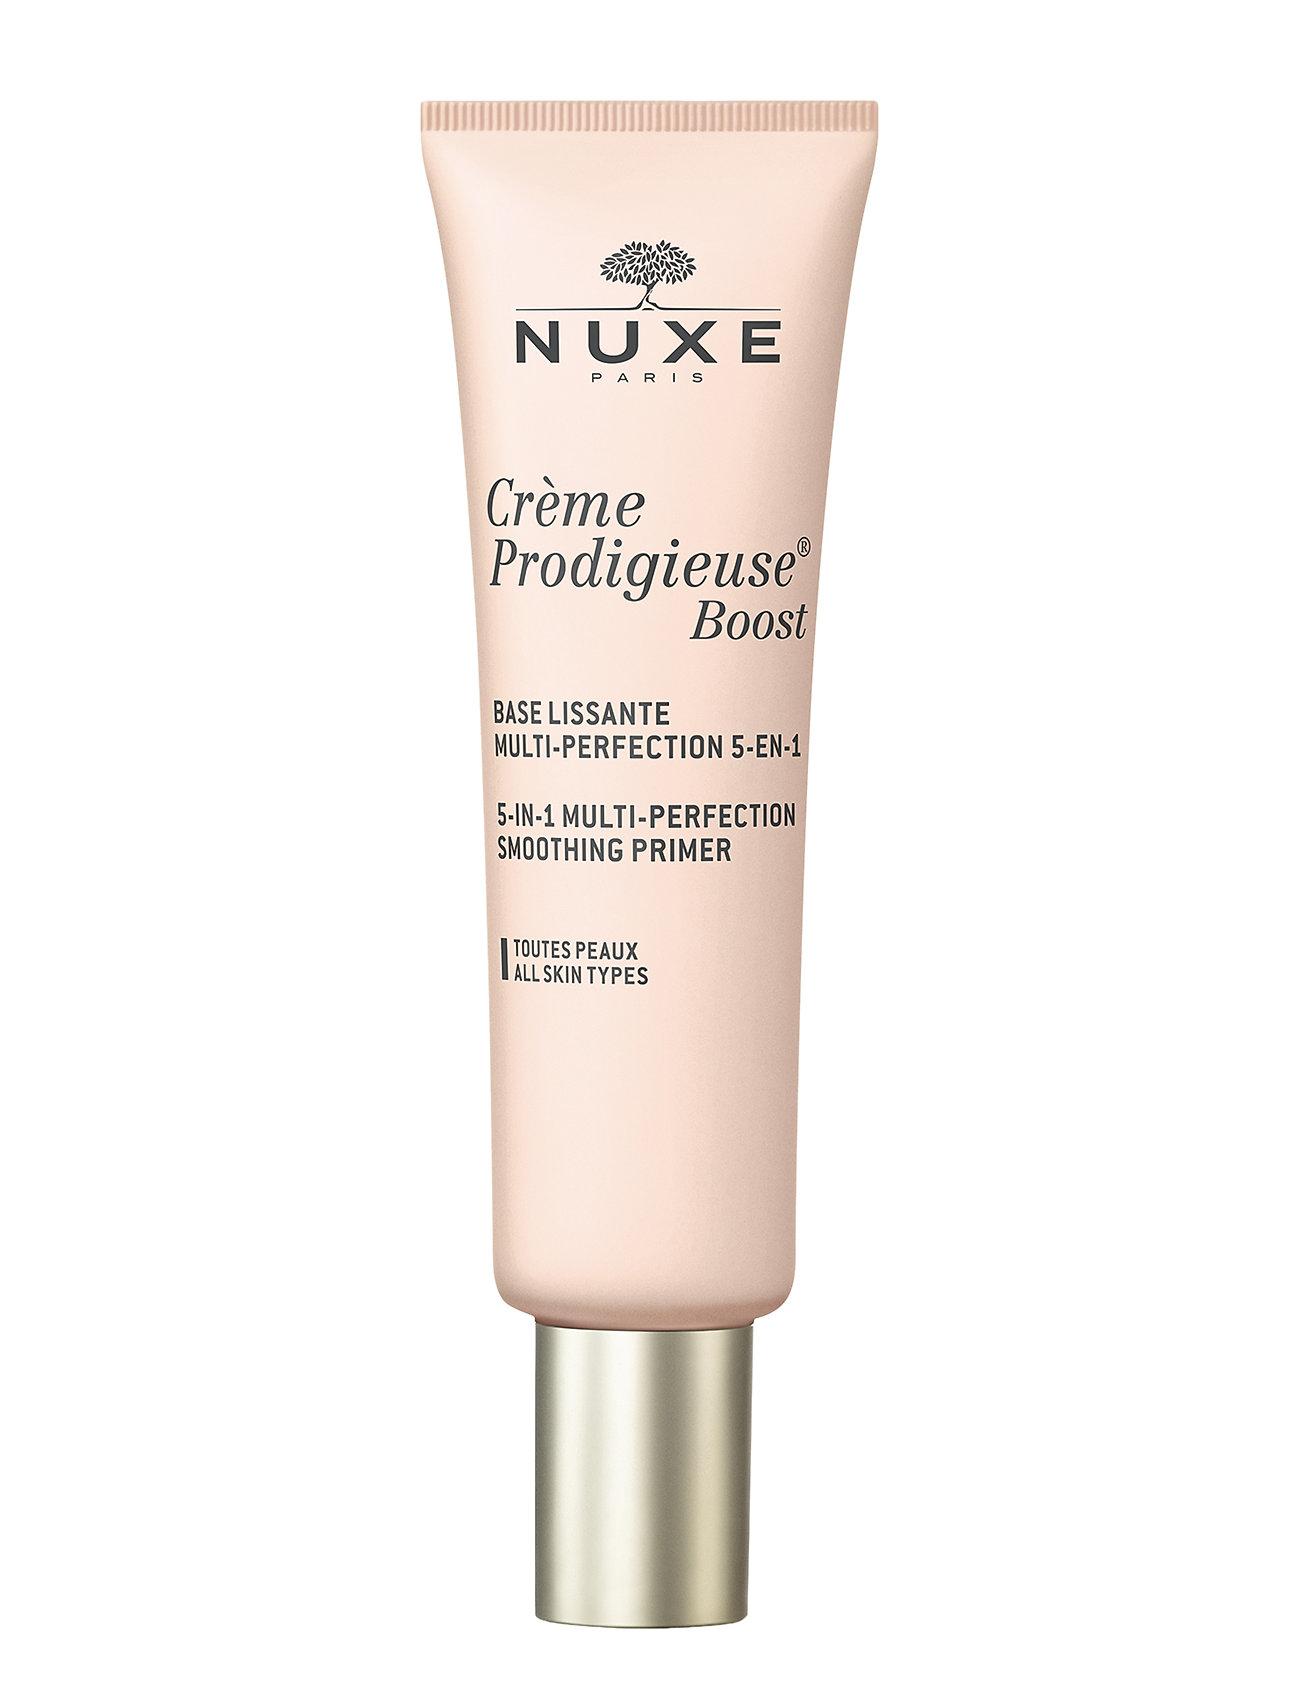 Image of CrÈMe Prodigieuse Boost Blur Makeupprimer Makeup Multi/mønstret NUXE (3360121083)